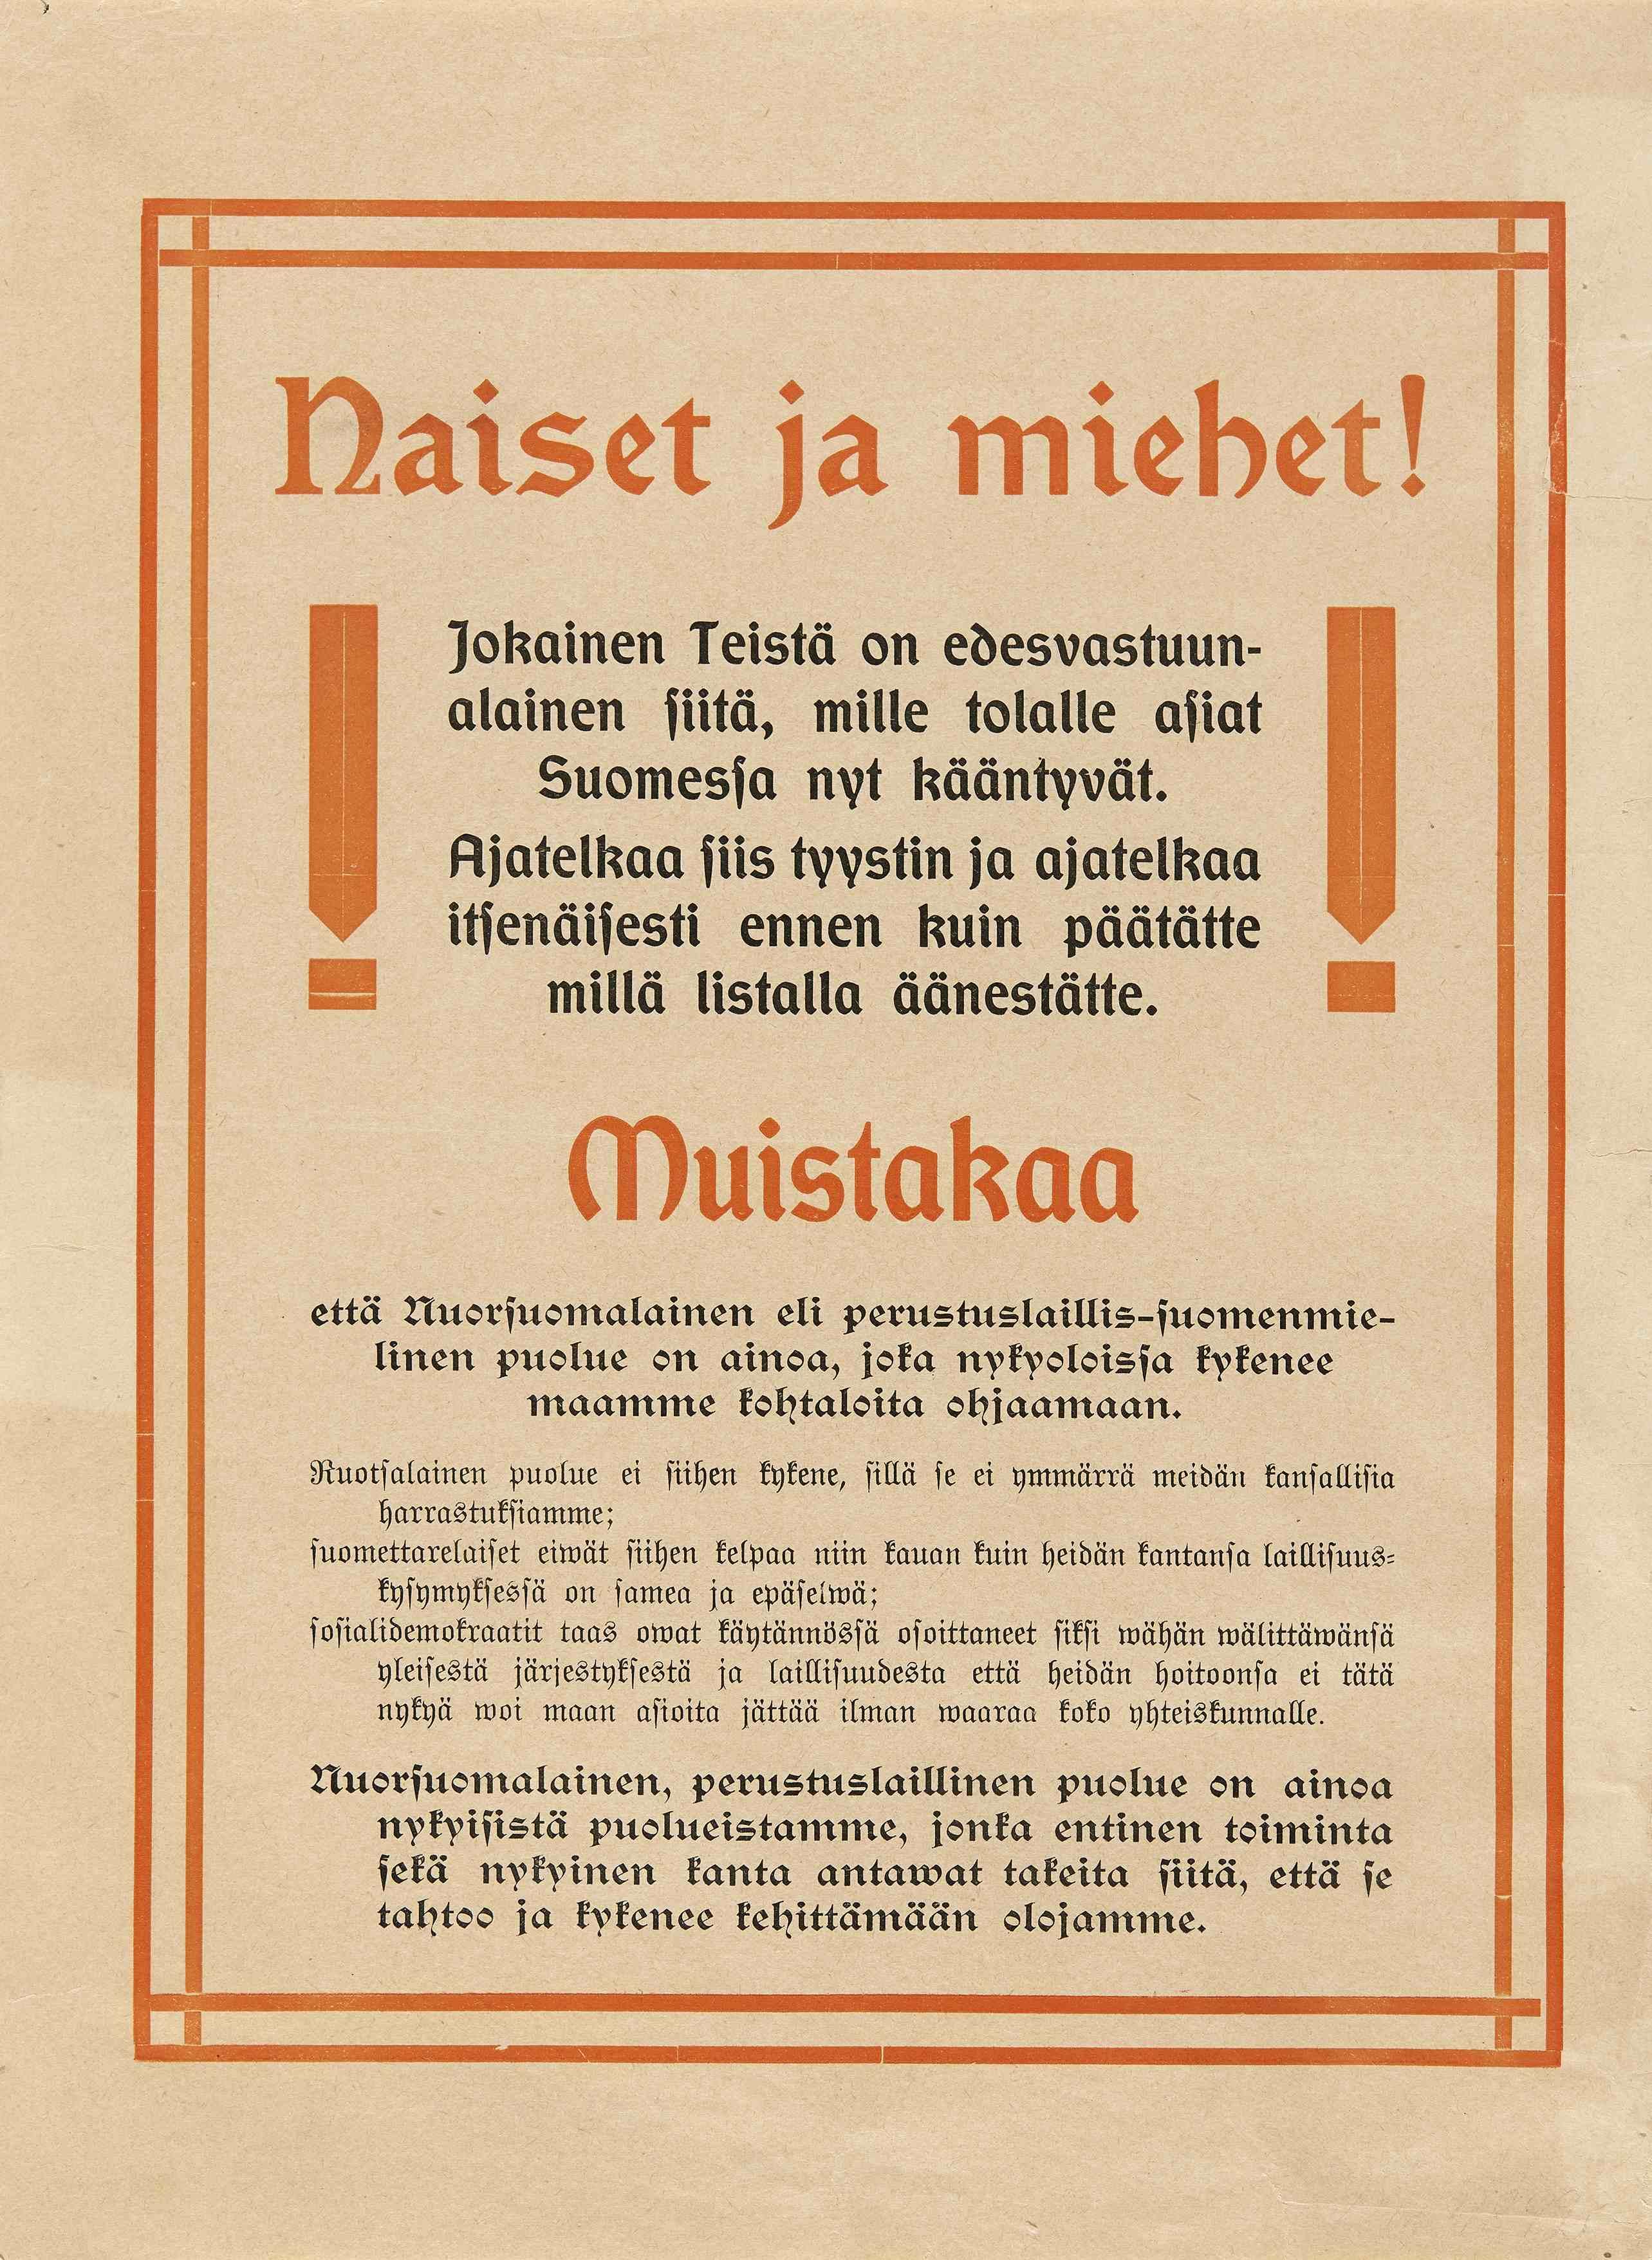 Nuorsuomalaisen puolueen vaalimainos vuodelta 1907. (Museovirasto)